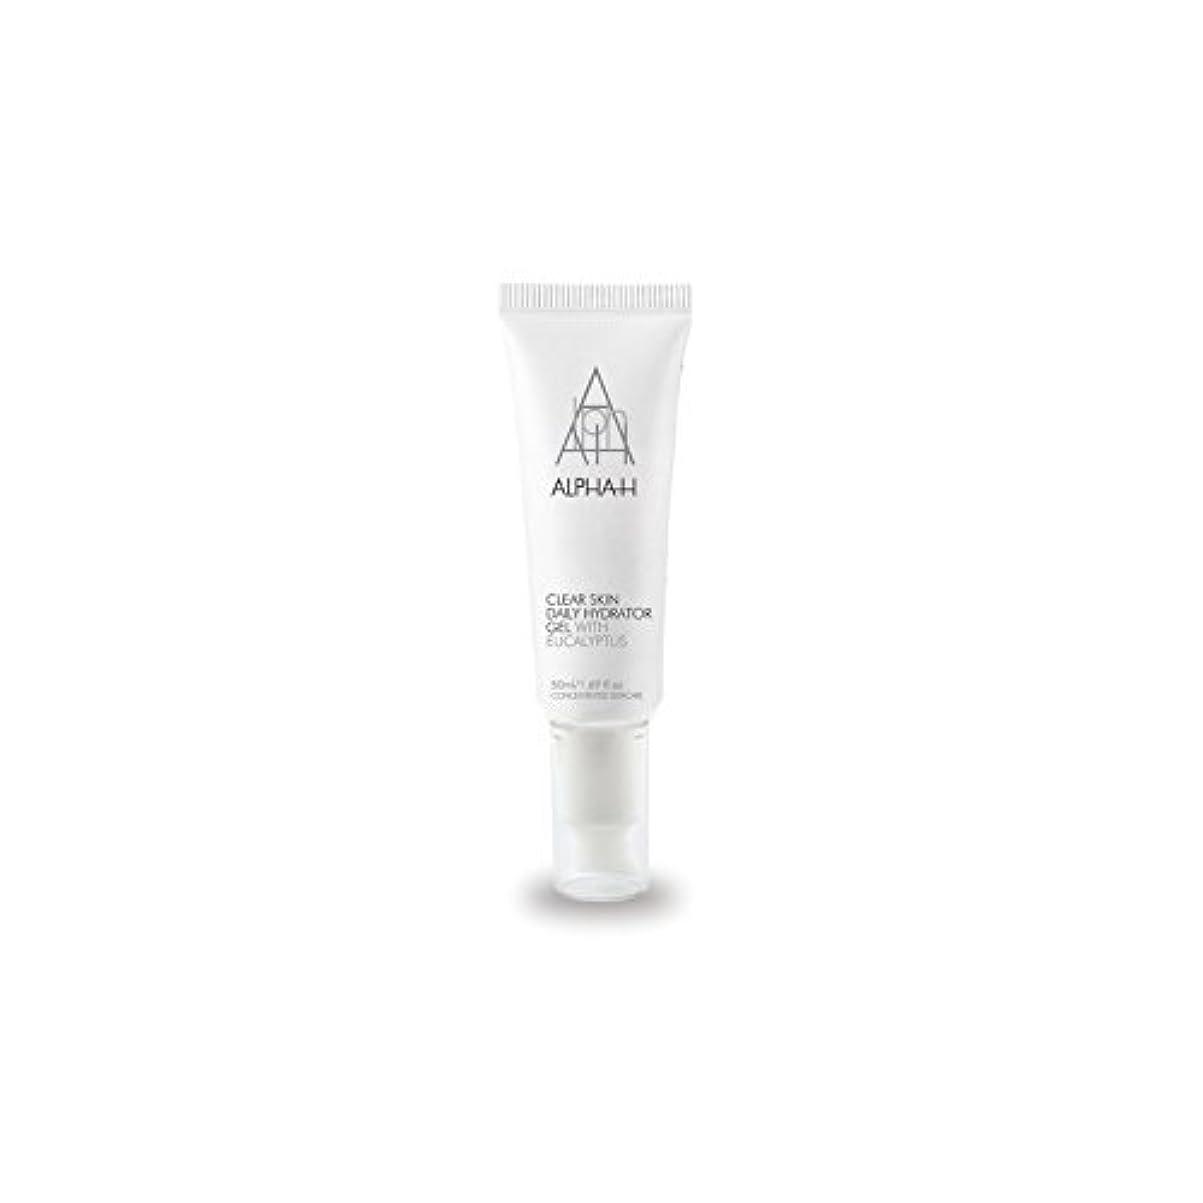 公演ファイアル引き金アルファクリア皮膚毎日ハイドレーターゲル(50)中 x2 - Alpha-H Clear Skin Daily Hydrator Gel (50ml) (Pack of 2) [並行輸入品]